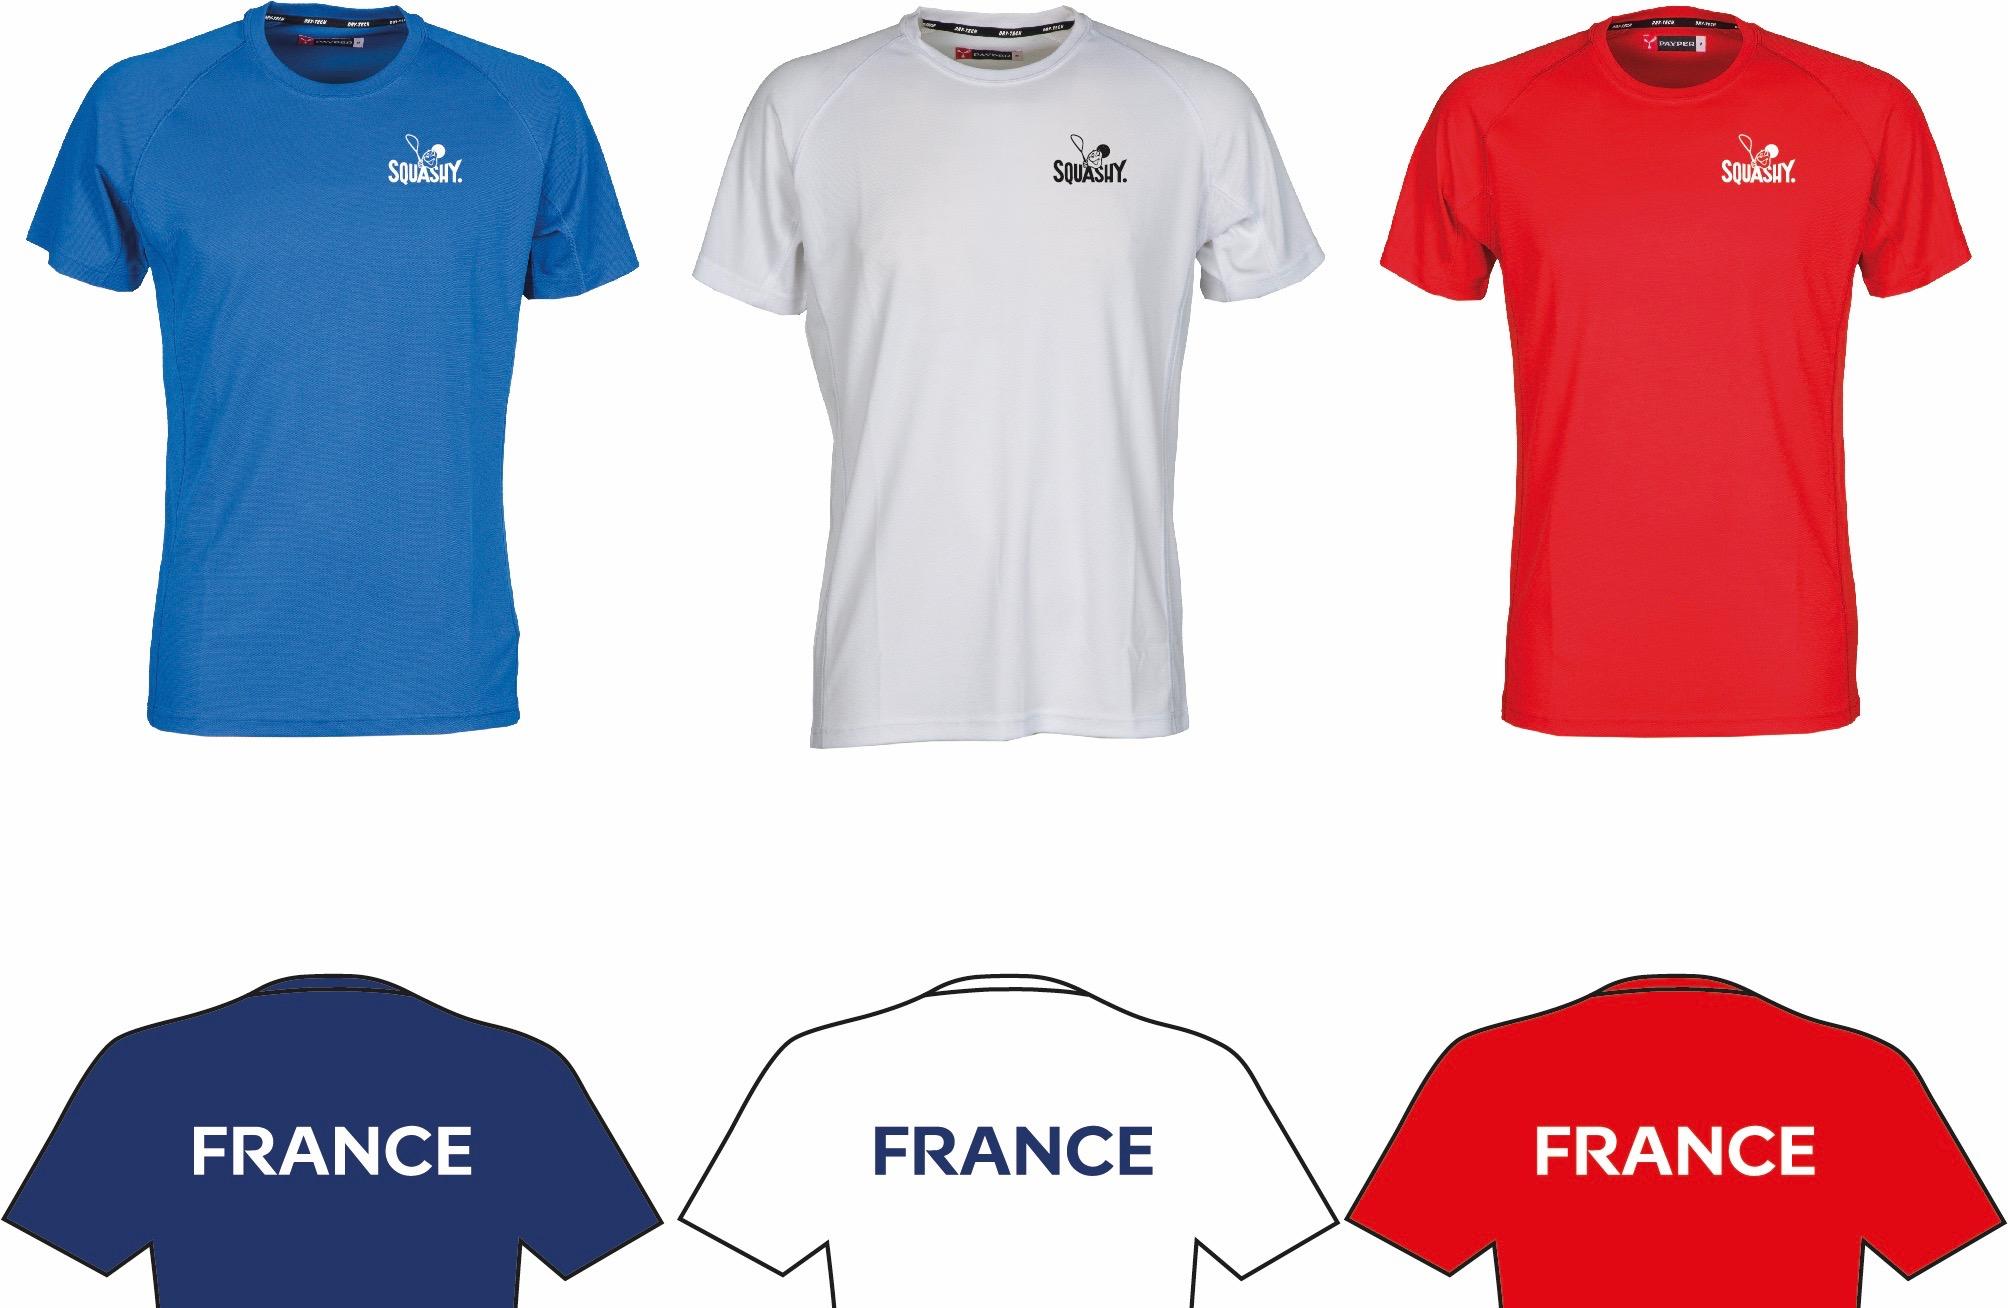 t.shirts_2-1526316018.jpg